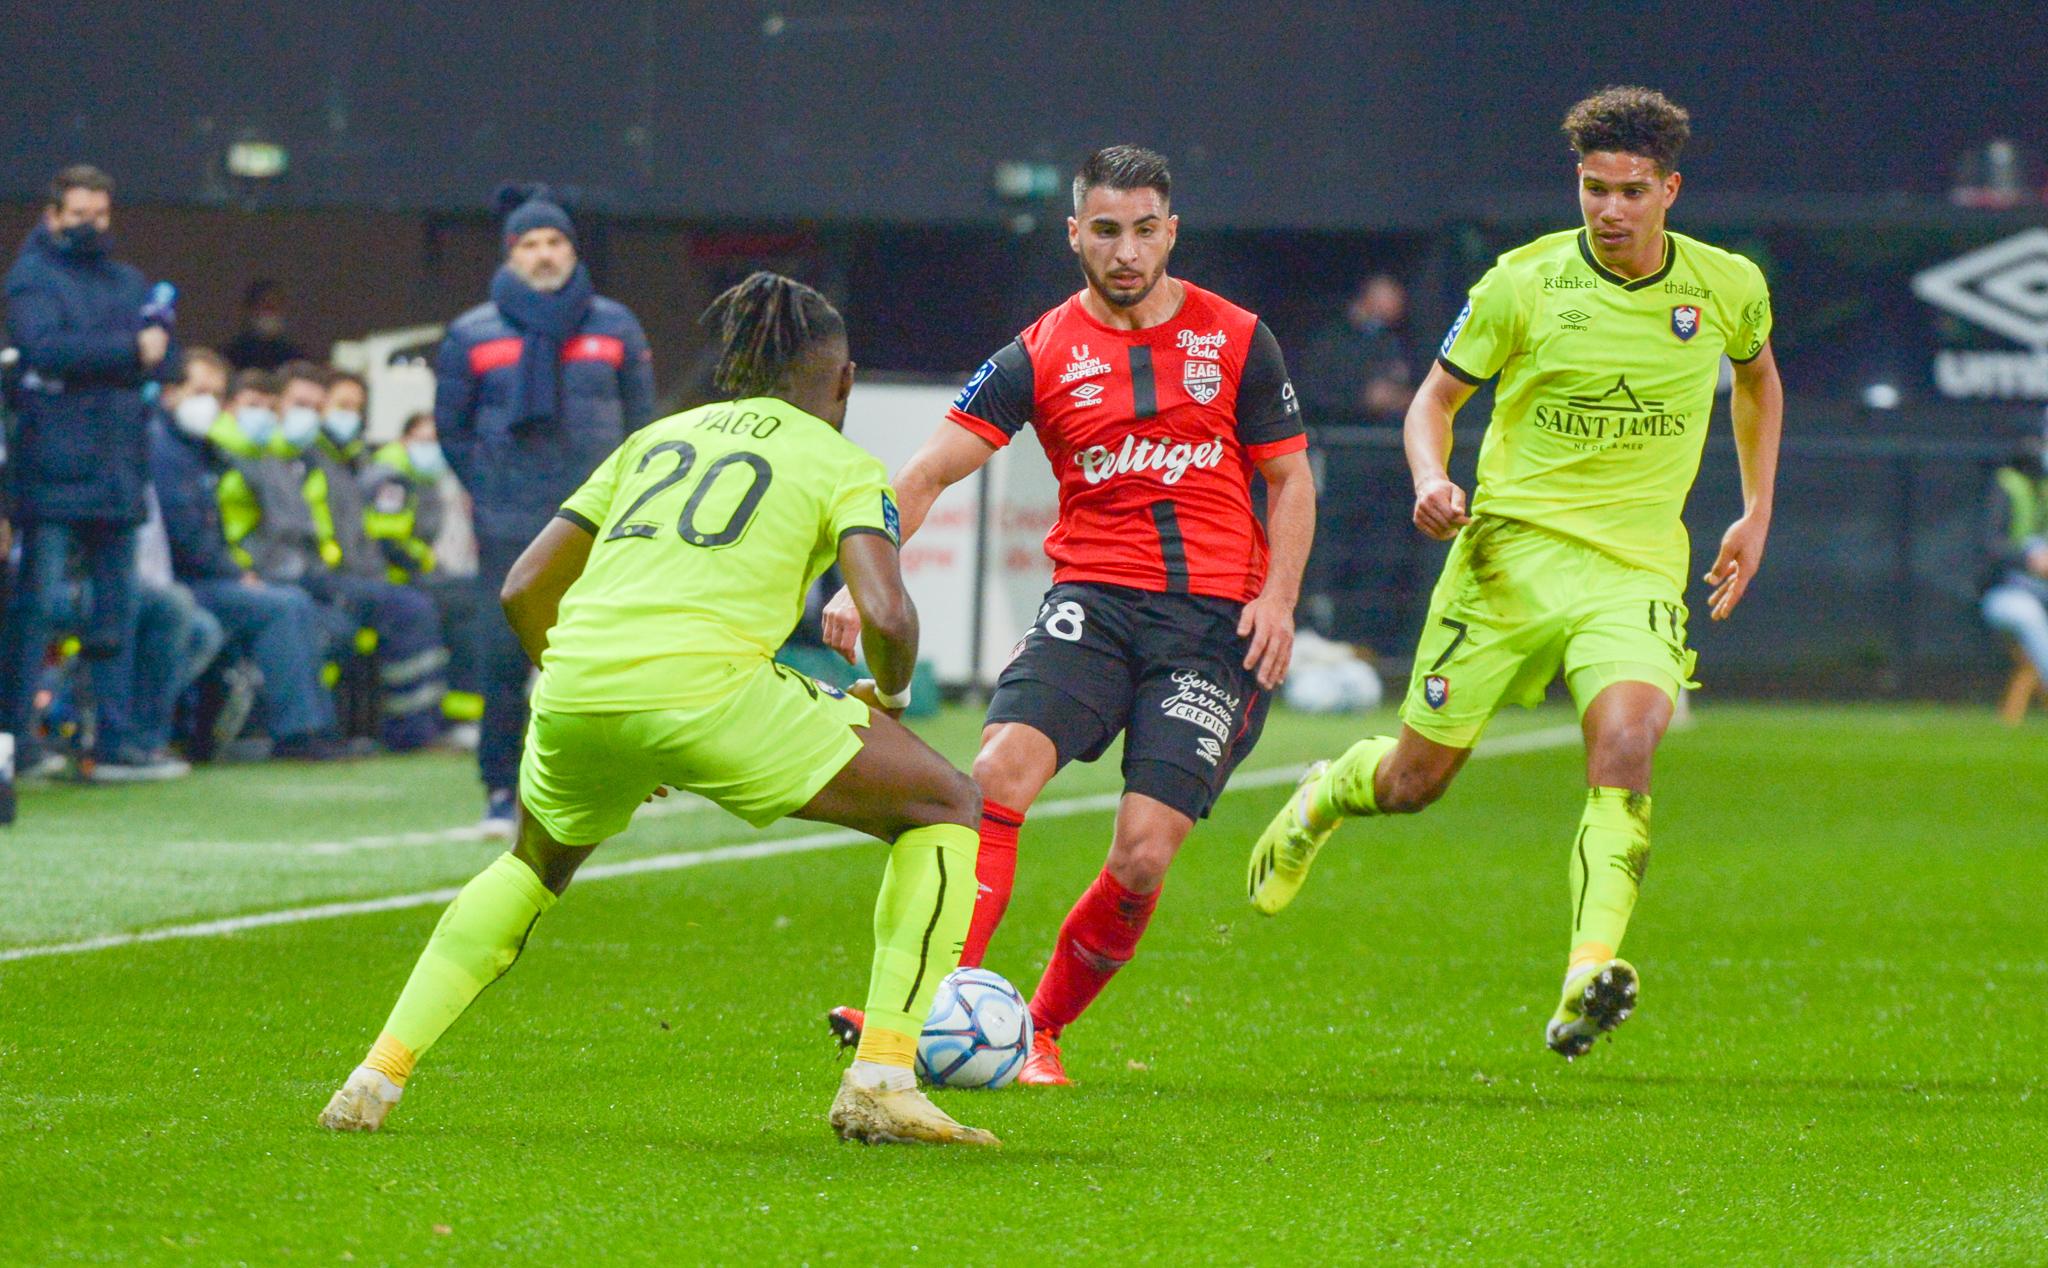 34 EA Guingamp SM Caen 2-2 Ligue 2 BKT Journée 26 2020-21 22 02 2021 EAGSMC